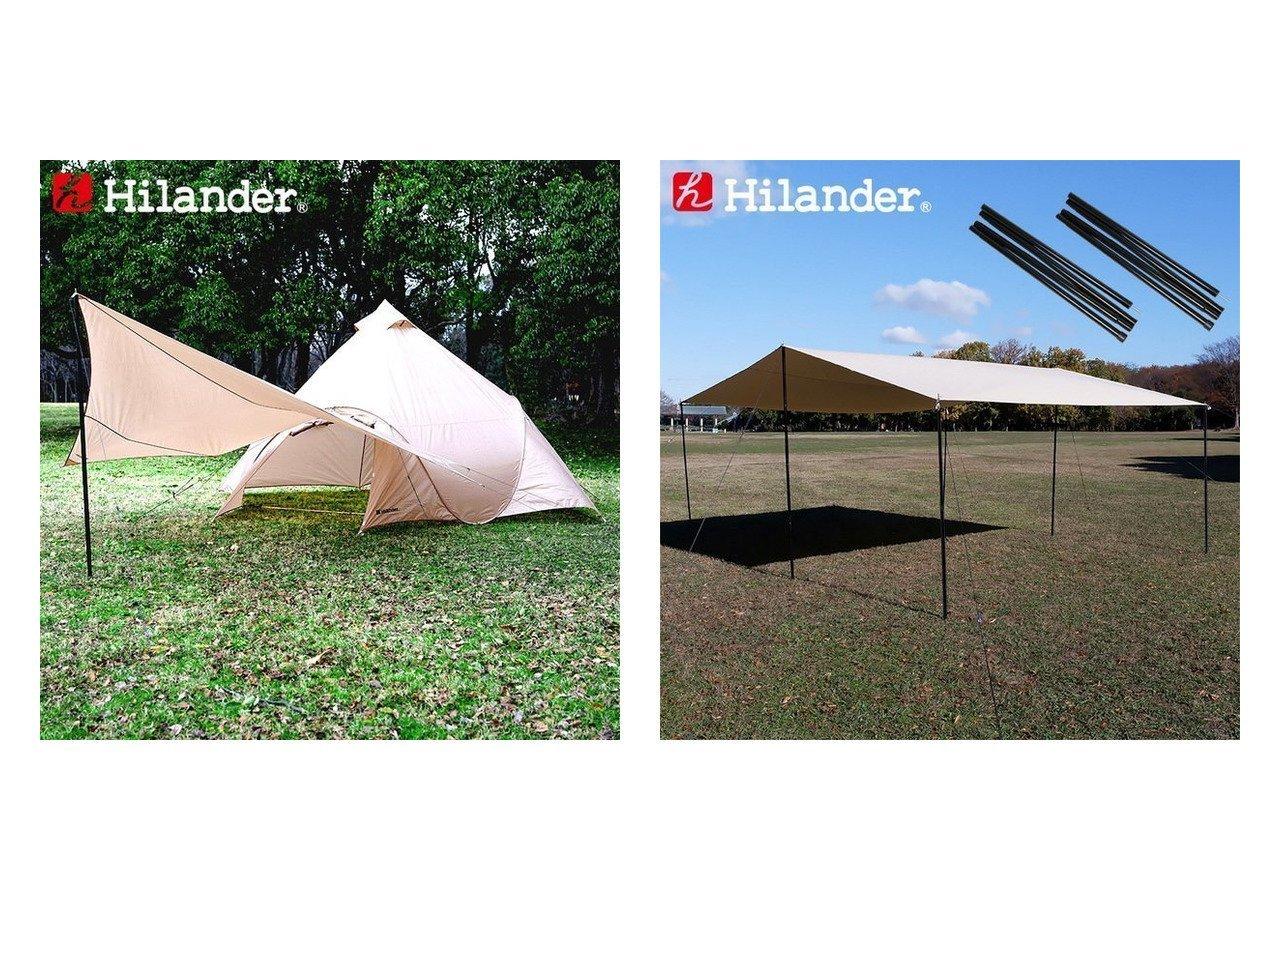 【Hilander/ハイランダー】のトラピゾイドタープ&レクタタープ440 ポリコットン+スチールポール230 2本セット(収納袋付き) 【テント】おすすめ!人気キャンプ・アウトドア用品の通販 おすすめで人気の流行・トレンド、ファッションの通販商品 インテリア・家具・メンズファッション・キッズファッション・レディースファッション・服の通販 founy(ファニー) https://founy.com/ インナー ホーム・キャンプ・アウトドア Home,Garden,Outdoor,Camping Gear キャンプ用品・アウトドア  Camping Gear & Outdoor Supplies テント タープ Tents, Tarp ホーム・キャンプ・アウトドア Home,Garden,Outdoor,Camping Gear キャンプ用品・アウトドア  Camping Gear & Outdoor Supplies ギアボックス 収納 Tool Boxes, Storage  ID:crp329100000051163